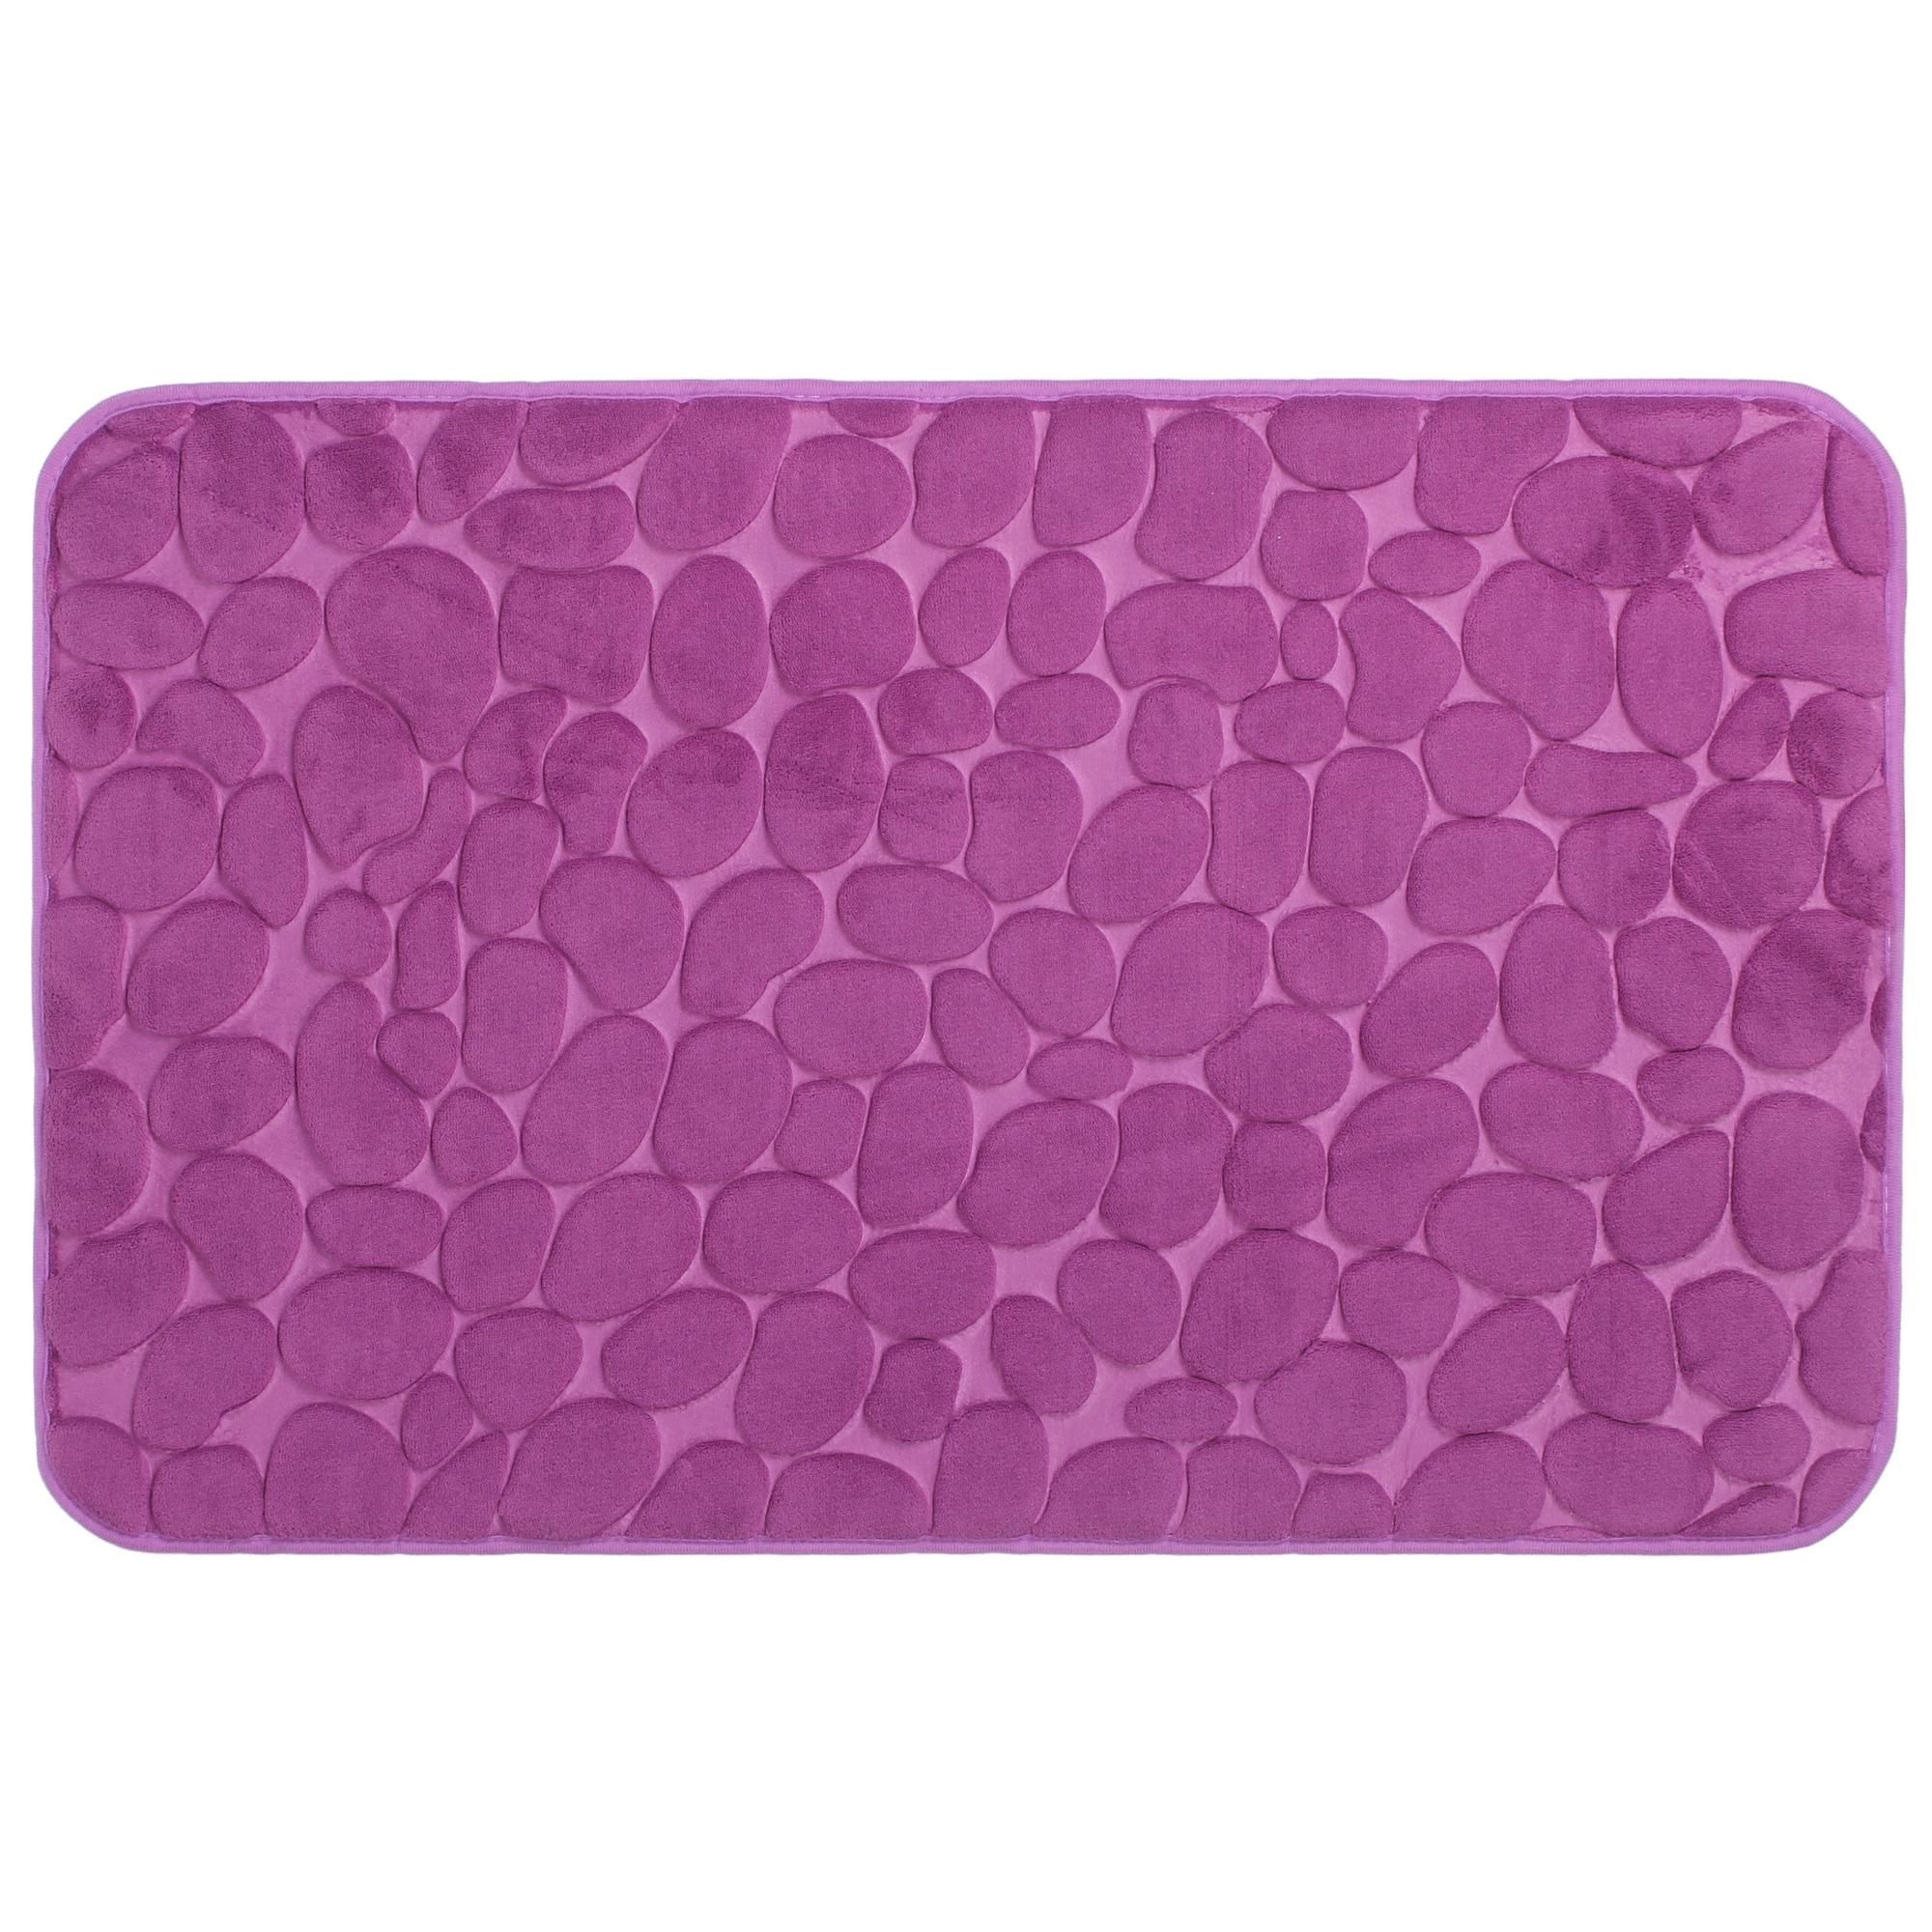 Коврик для ванной Grampus 80х50 см цвет фиолетовый